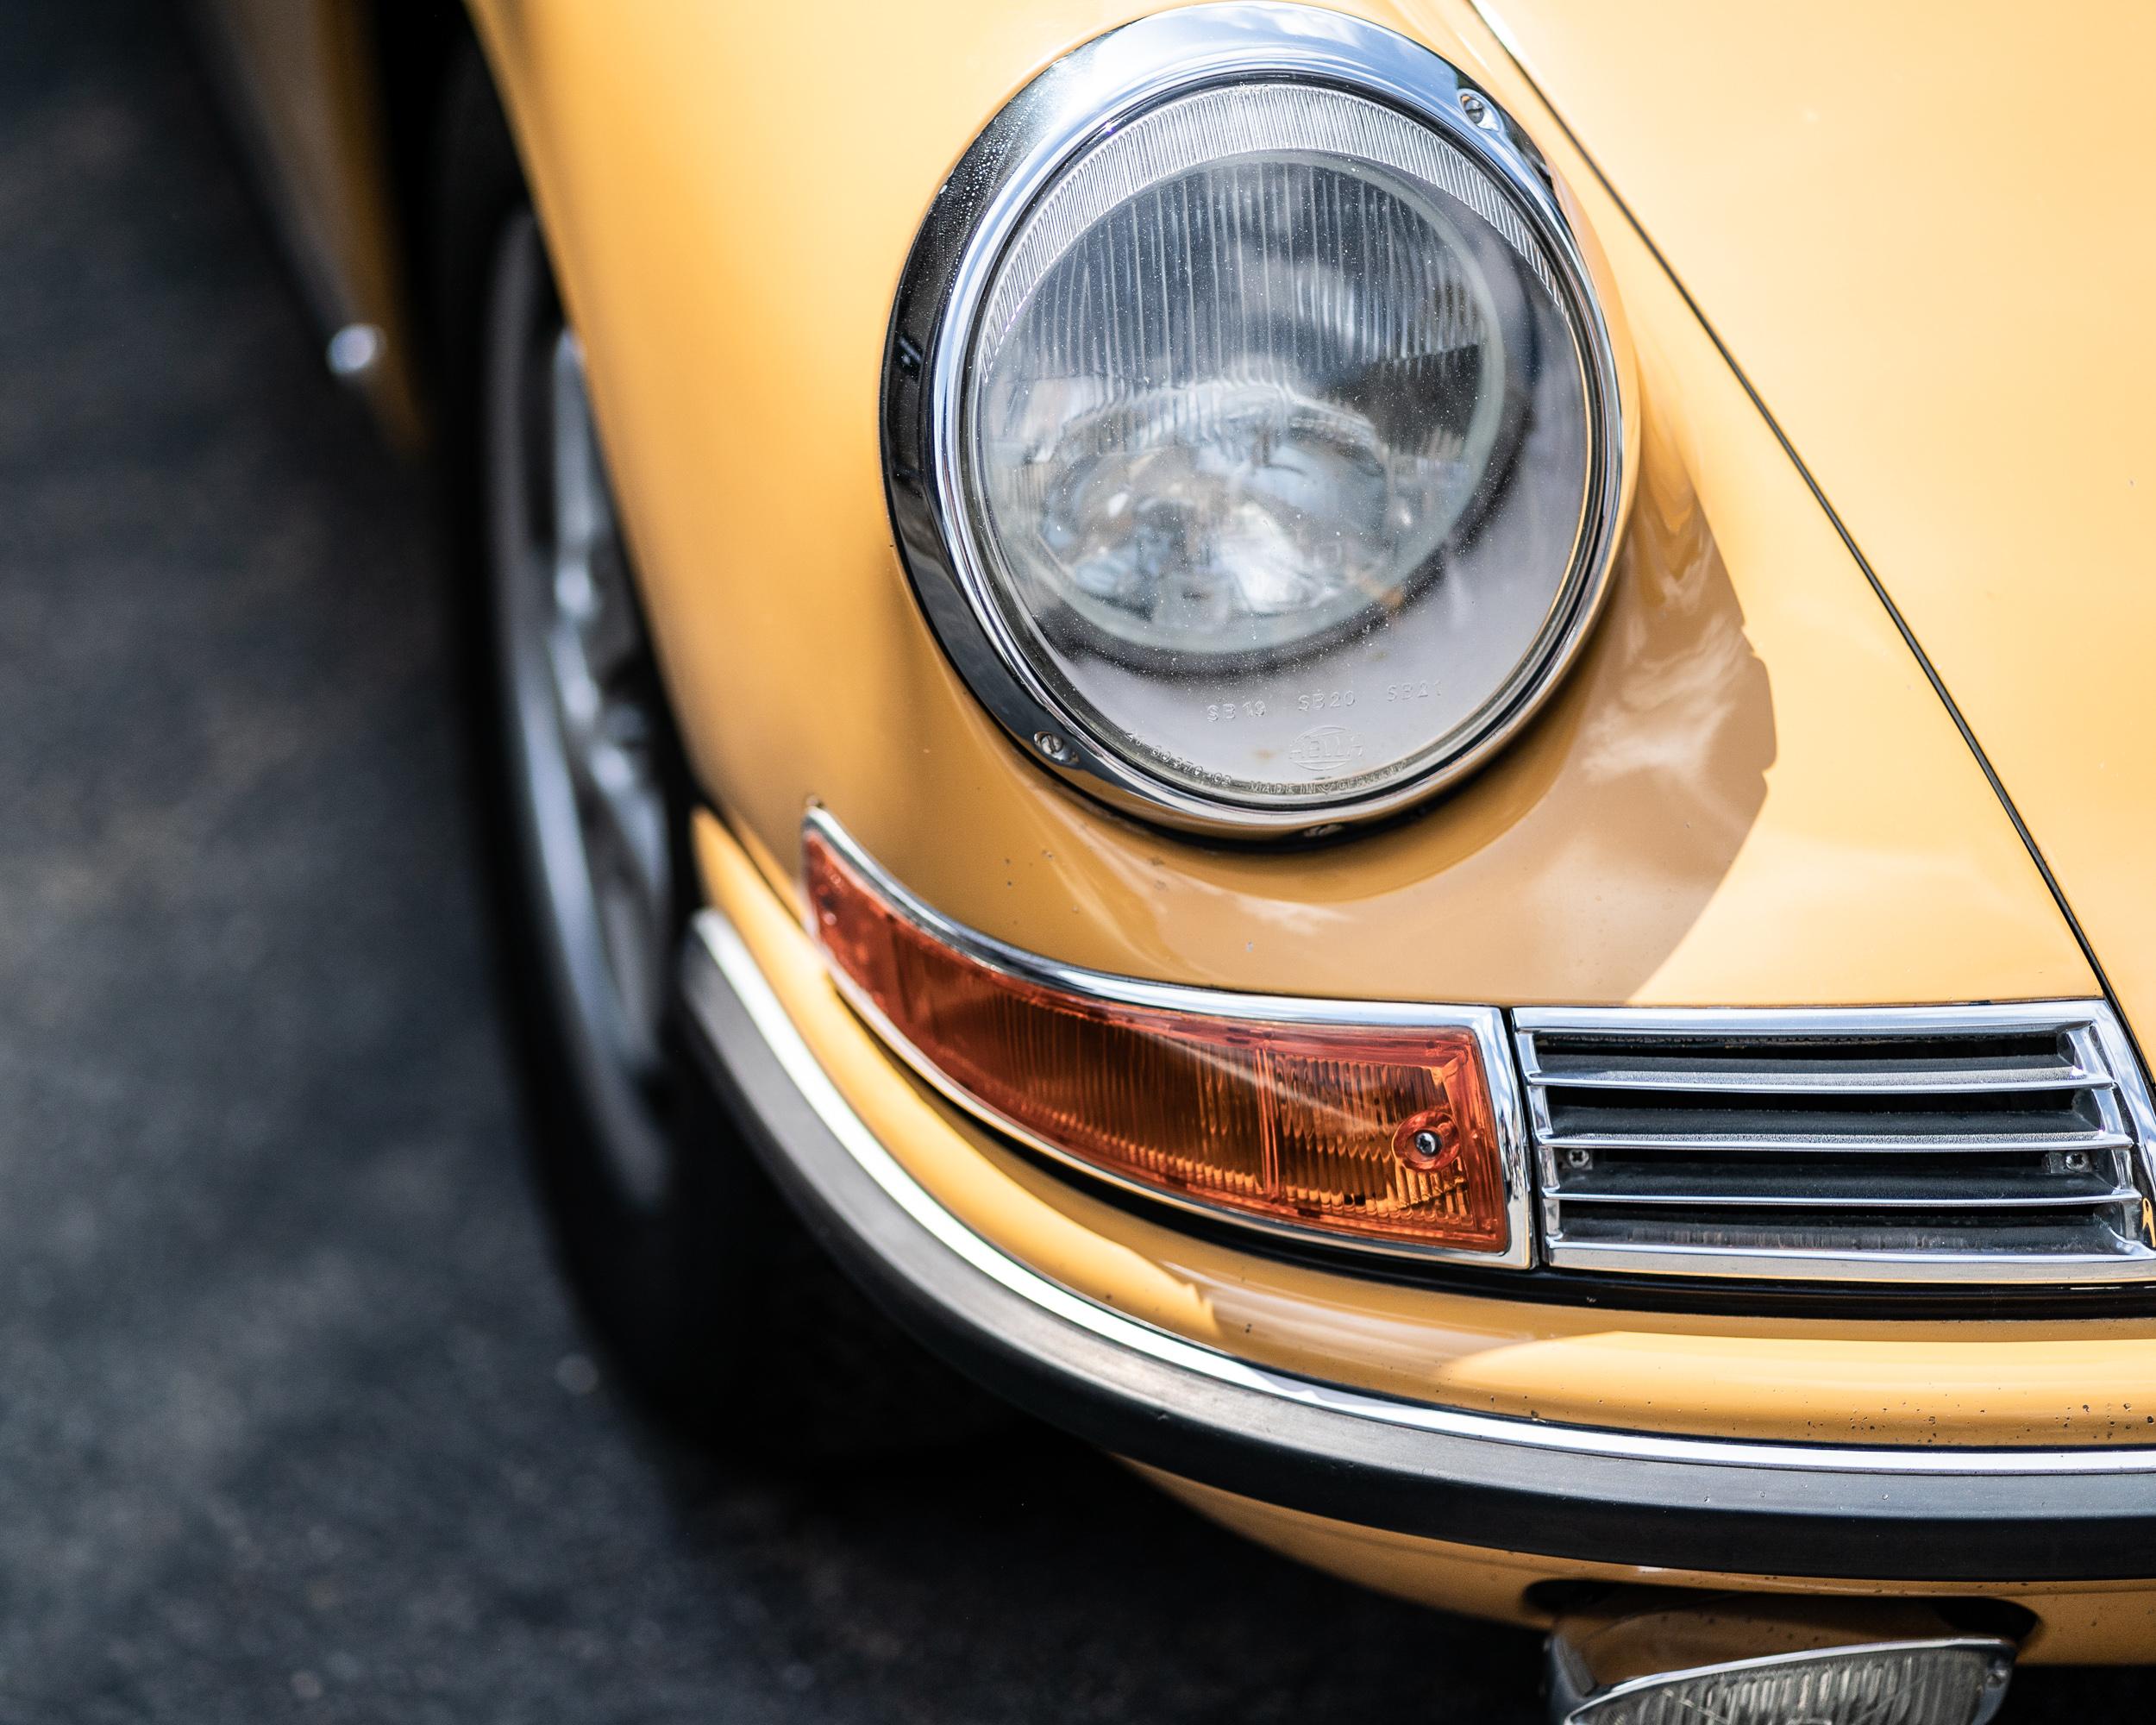 Classic 911 headlamp luftgekuhlt